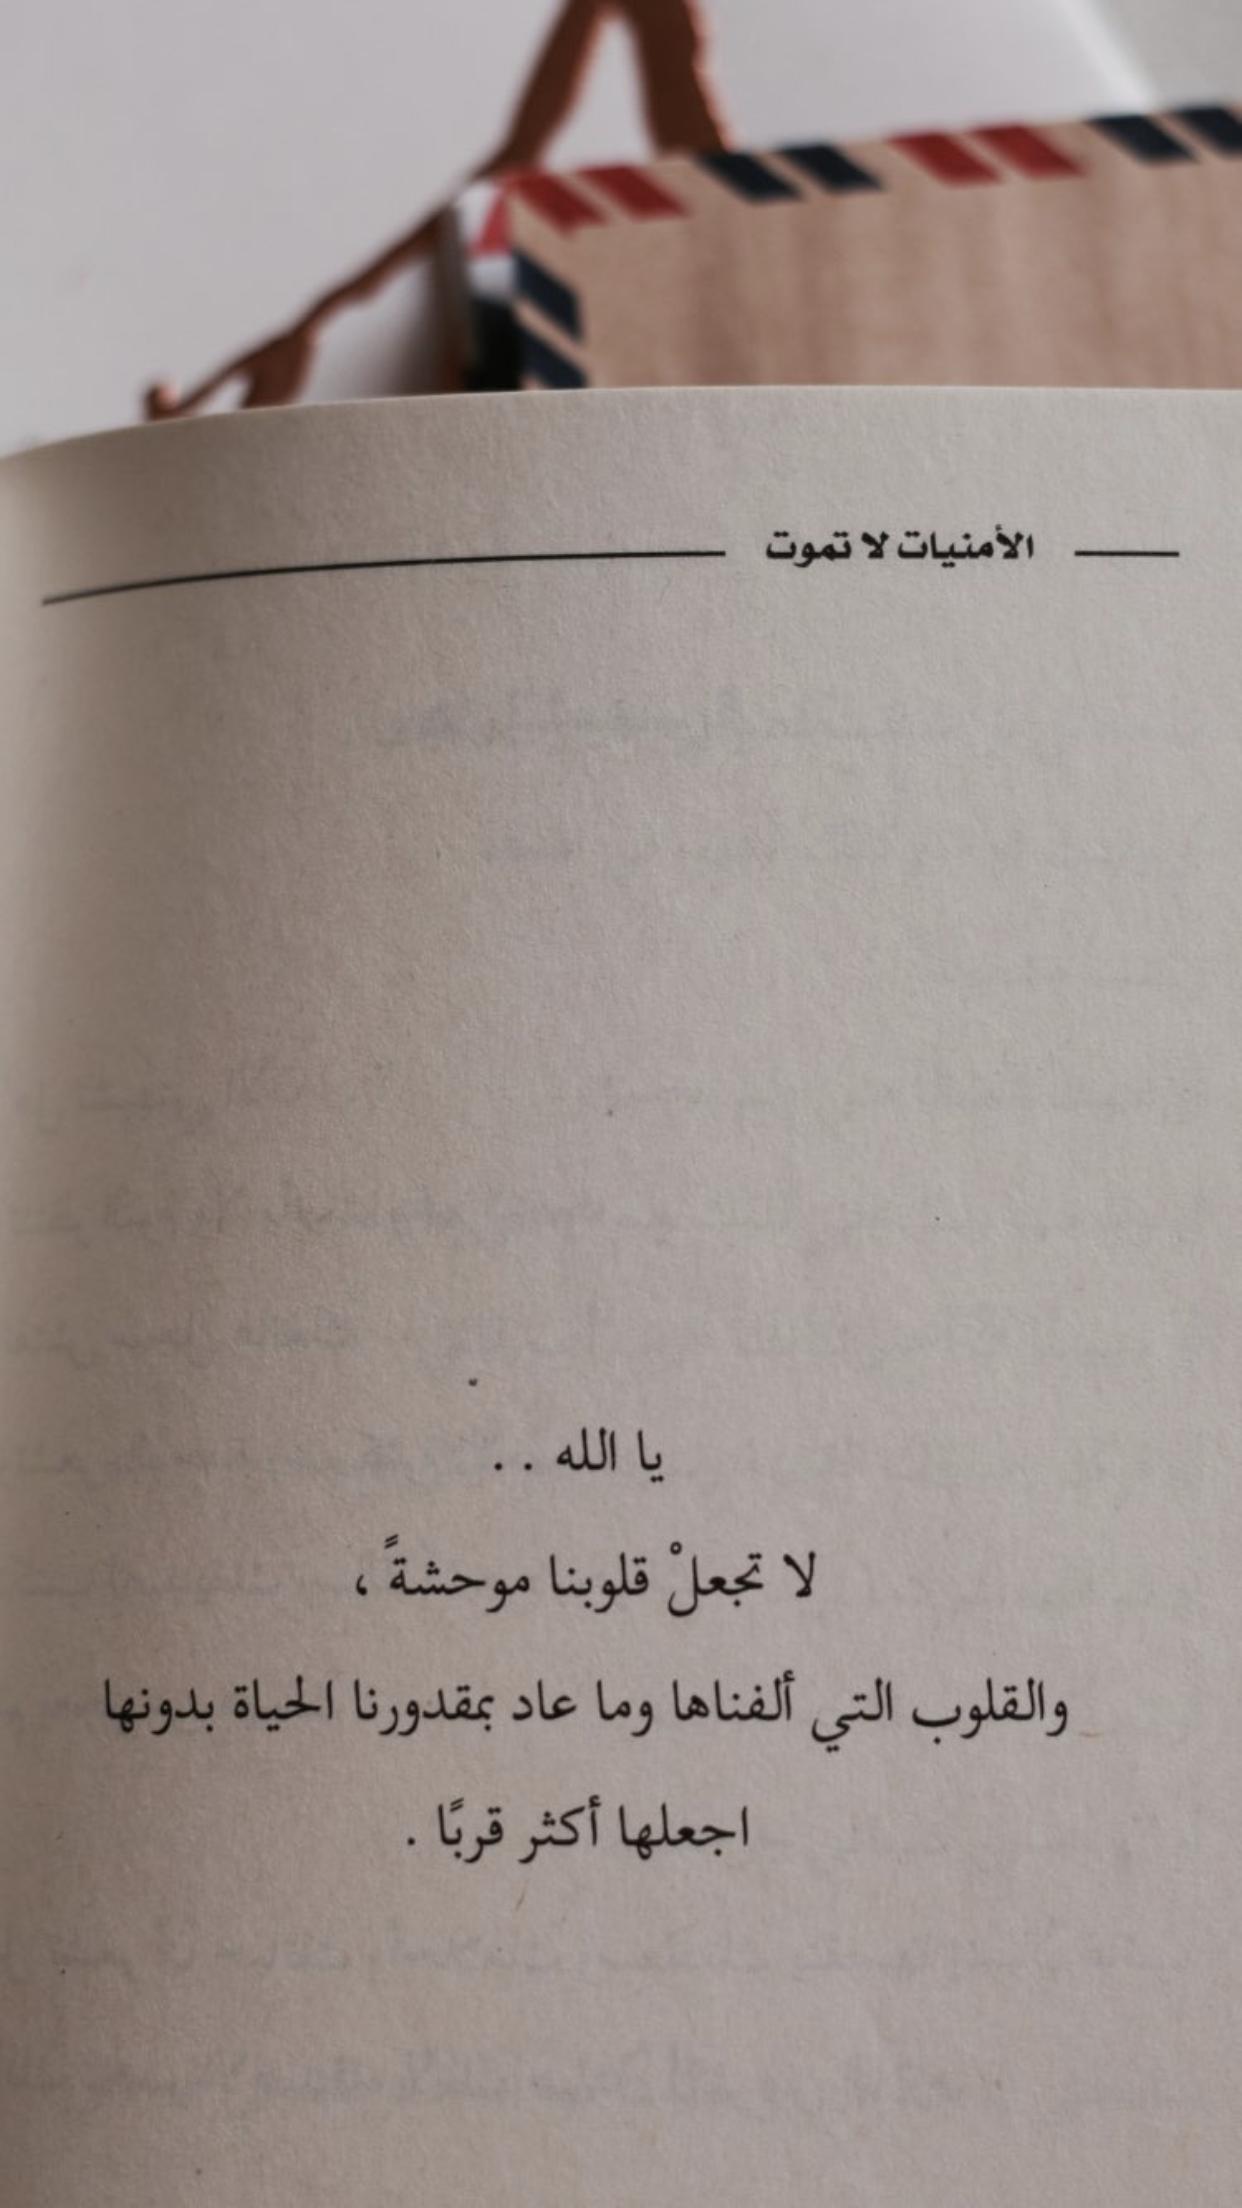 لا تجعل قلوبنا موحشة يا الله Dilan Quotes Words Quotes Book Quotes